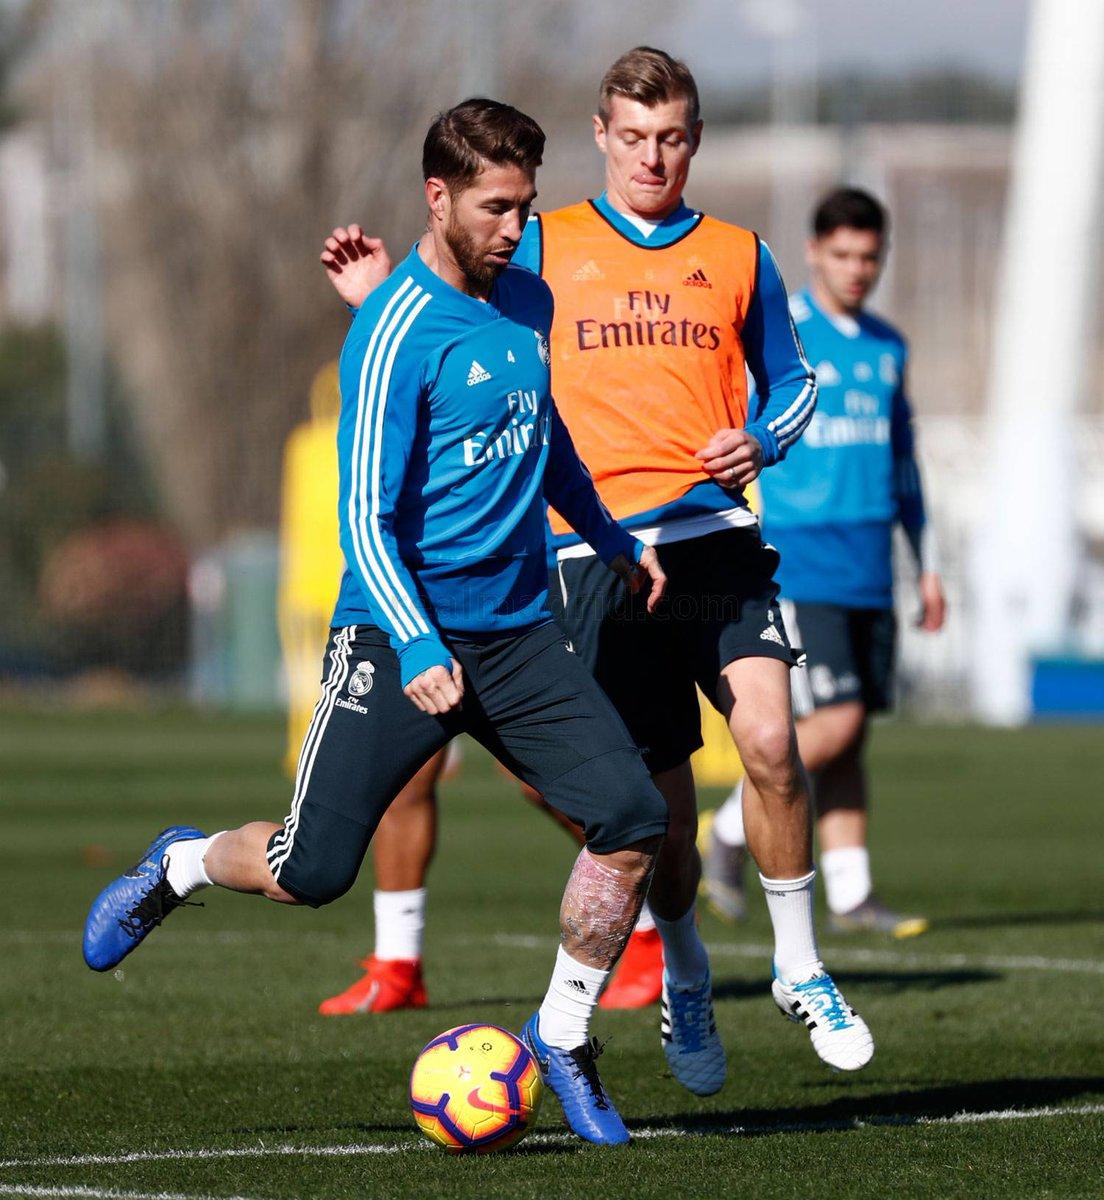 El @realmadrid regresó a los entrenamientos en la #CiudadRealMadrid. Los de #Solari comenzaron a preparar el partido de @LaLiga ante el @GironaFC, que tendrá lugar este domingo a las 12:00 horas en el Santiago Bernabéu, y en el que intentarán prolongar su racha de victorias.